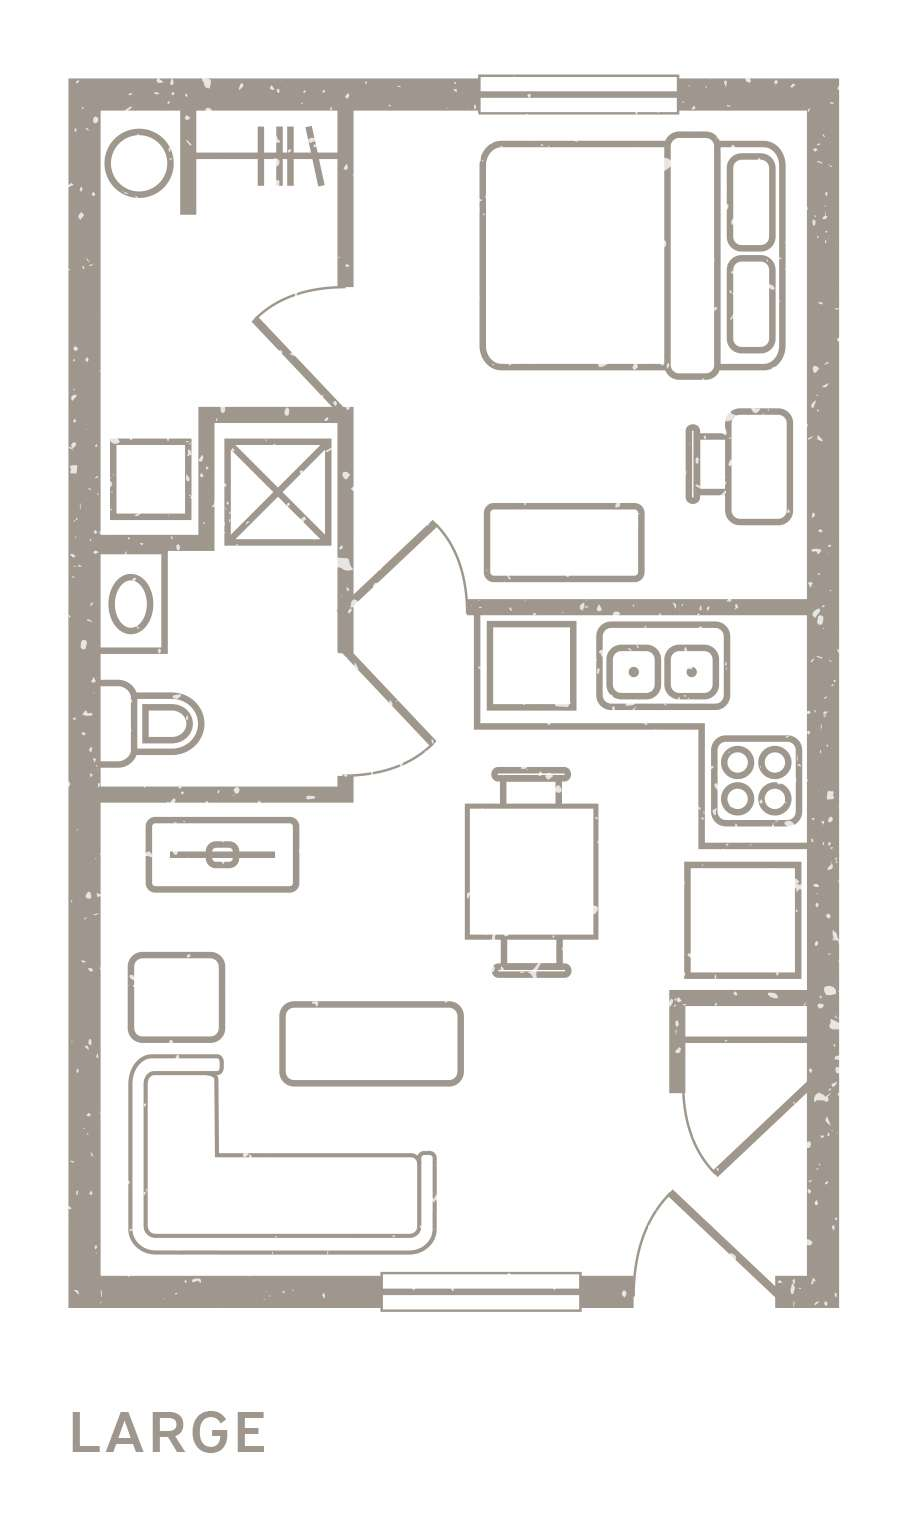 1 Bedroom Floorplan 2